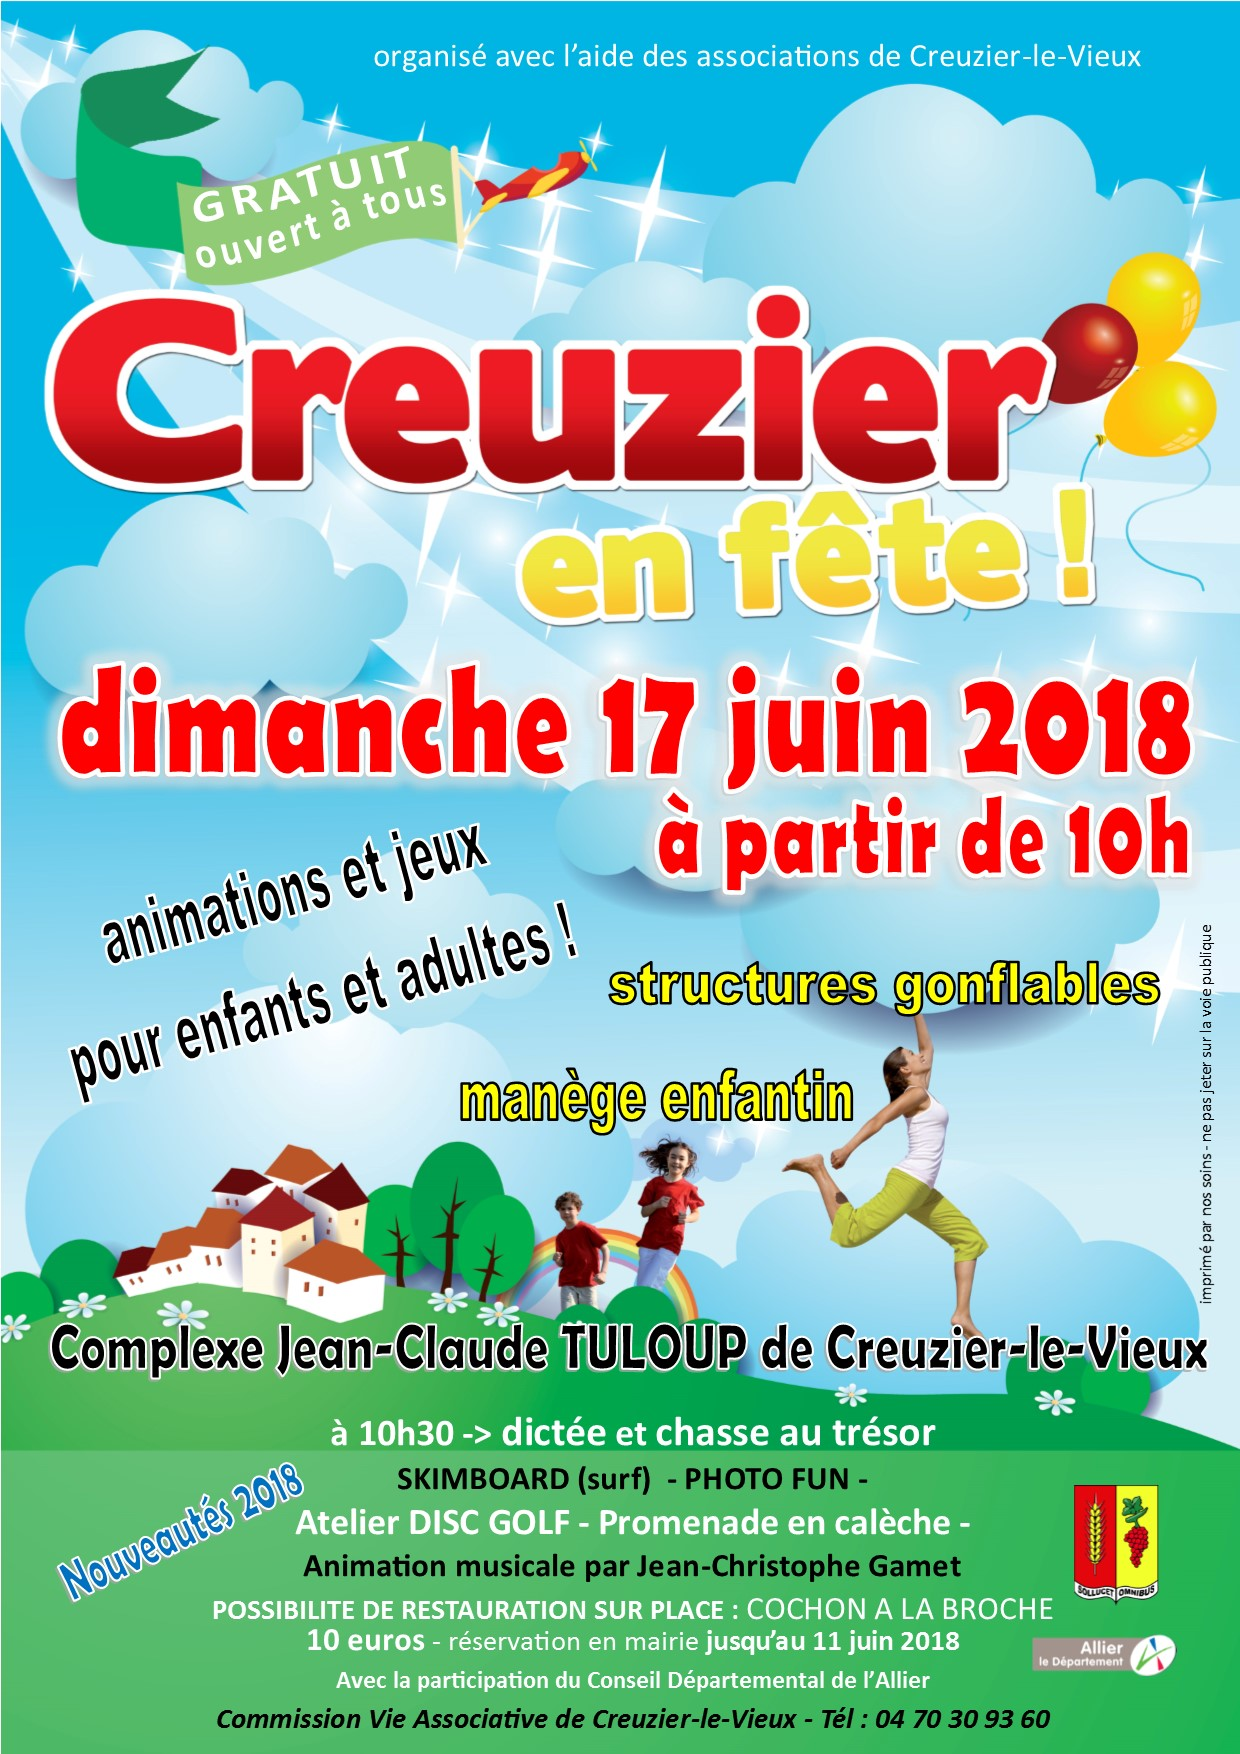 Creuzier en fete 17 juin 2018